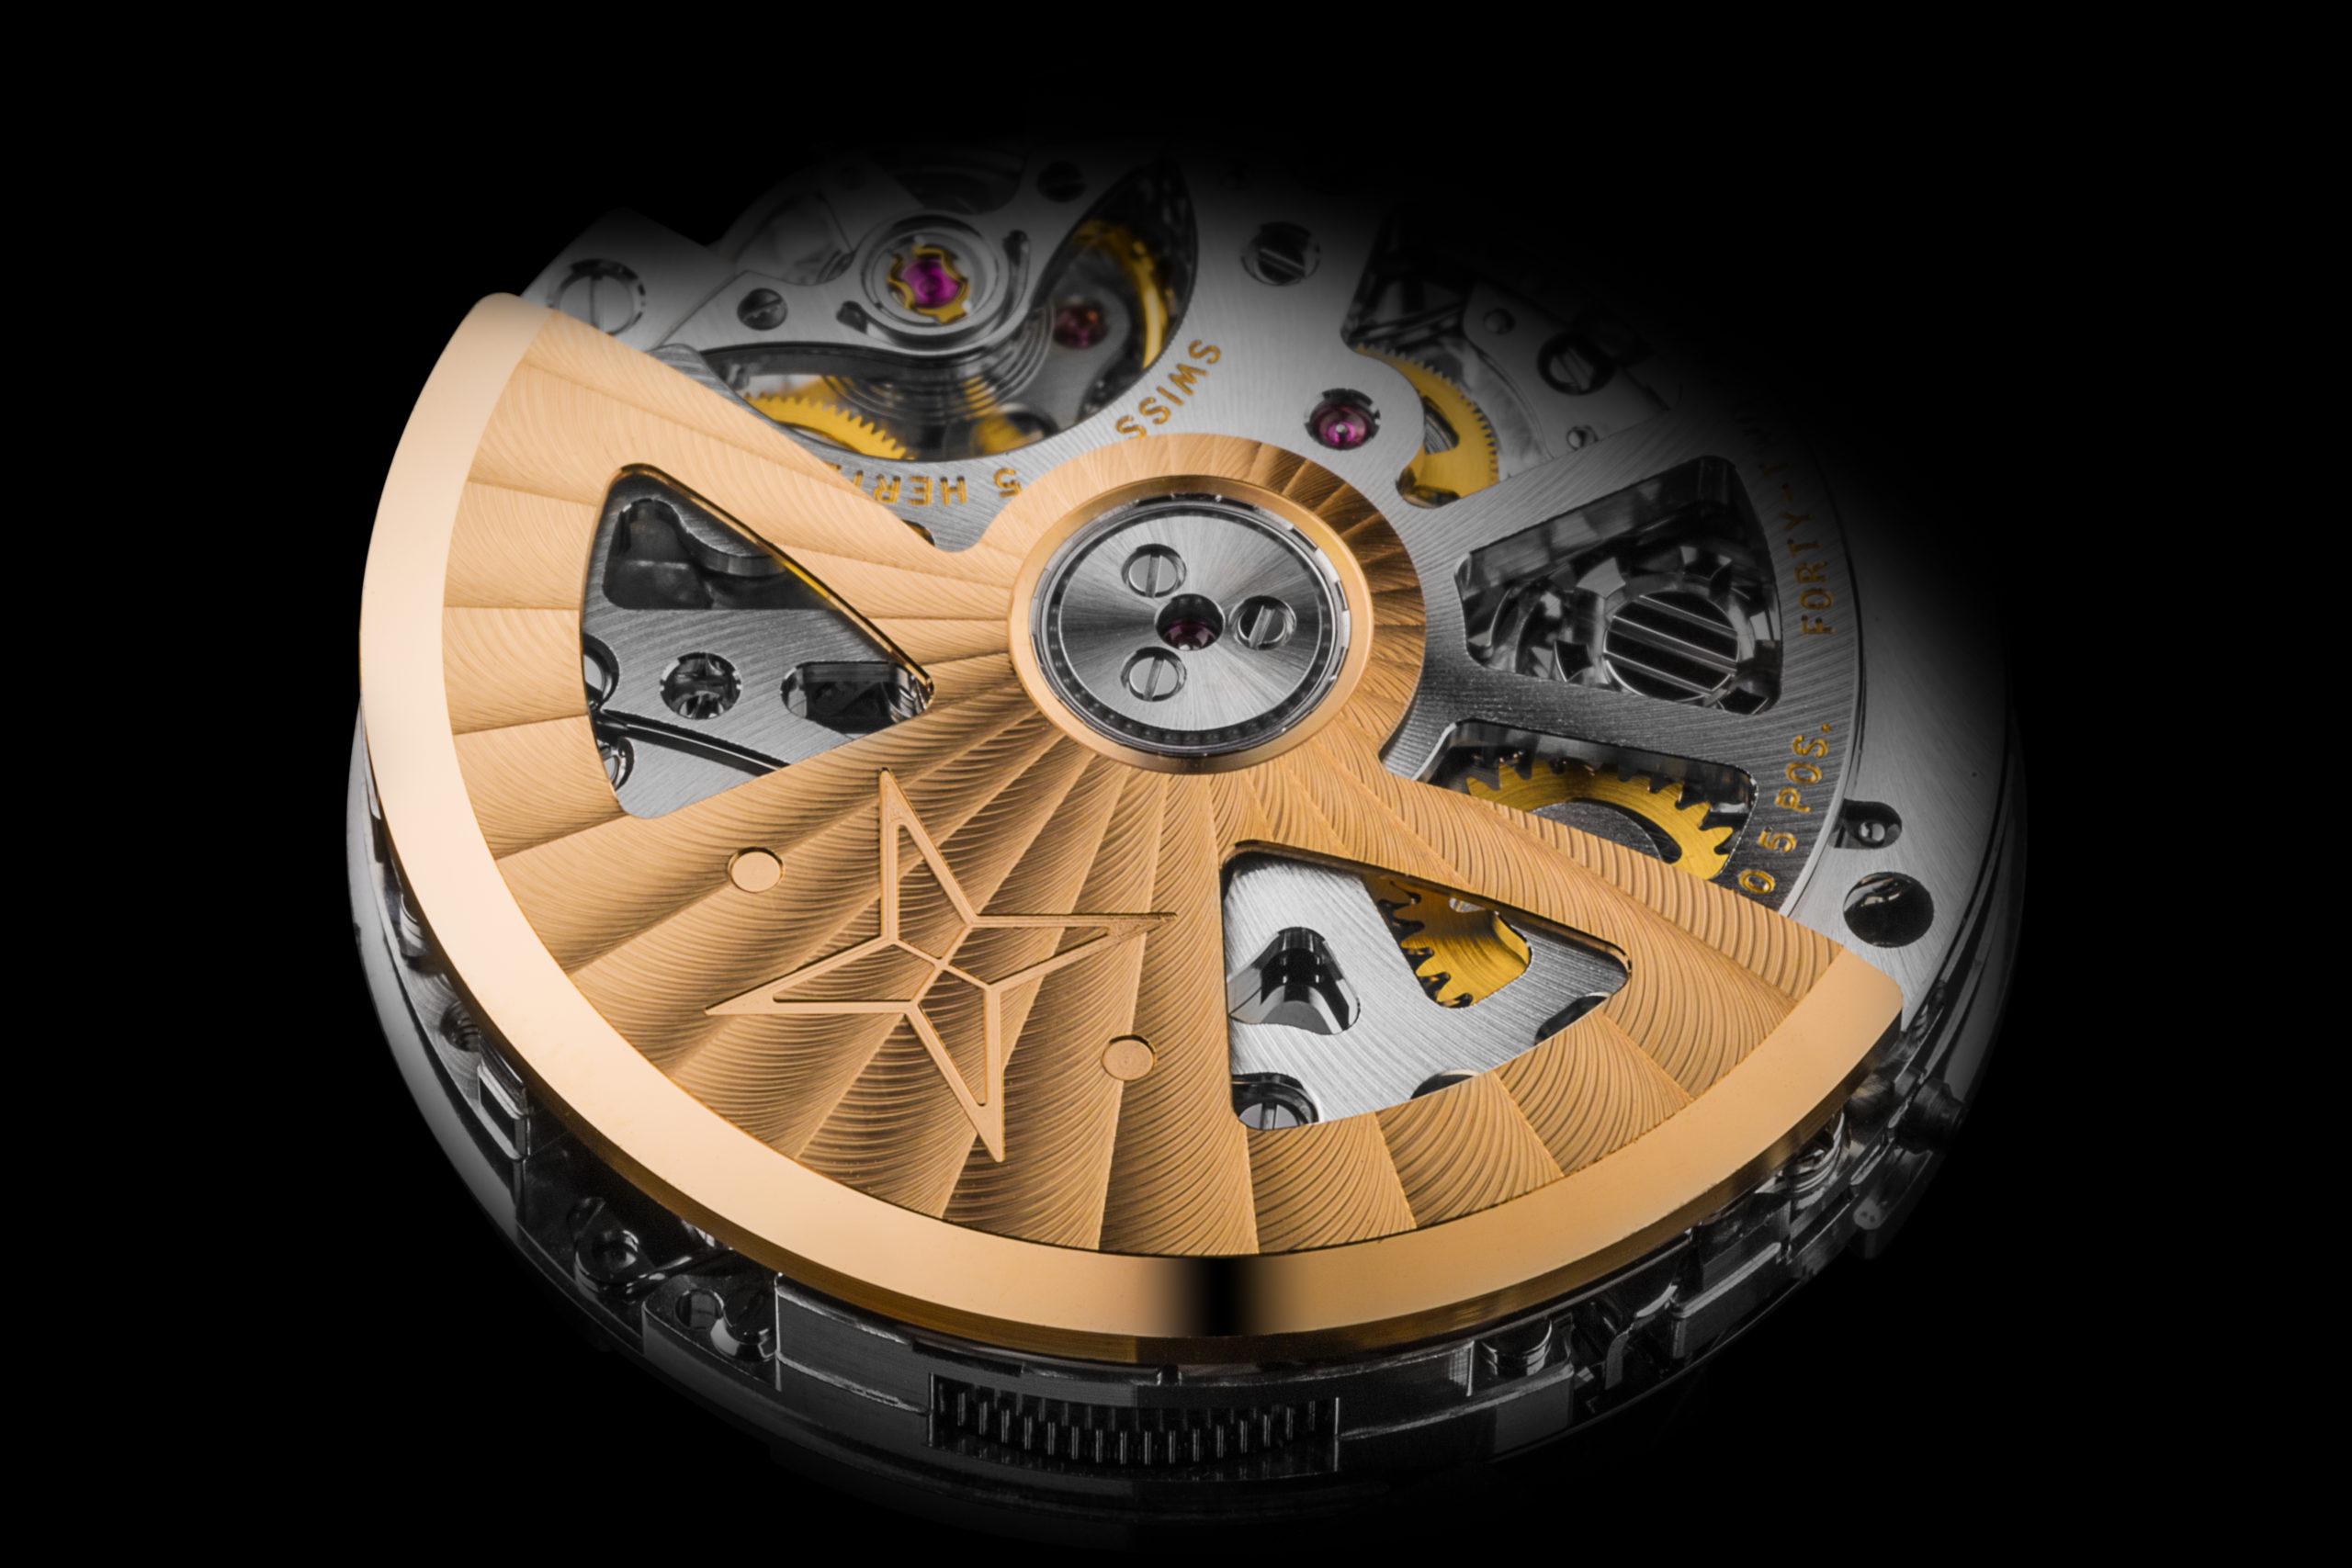 Chronographe et chronomètre, deux objets au service du temps